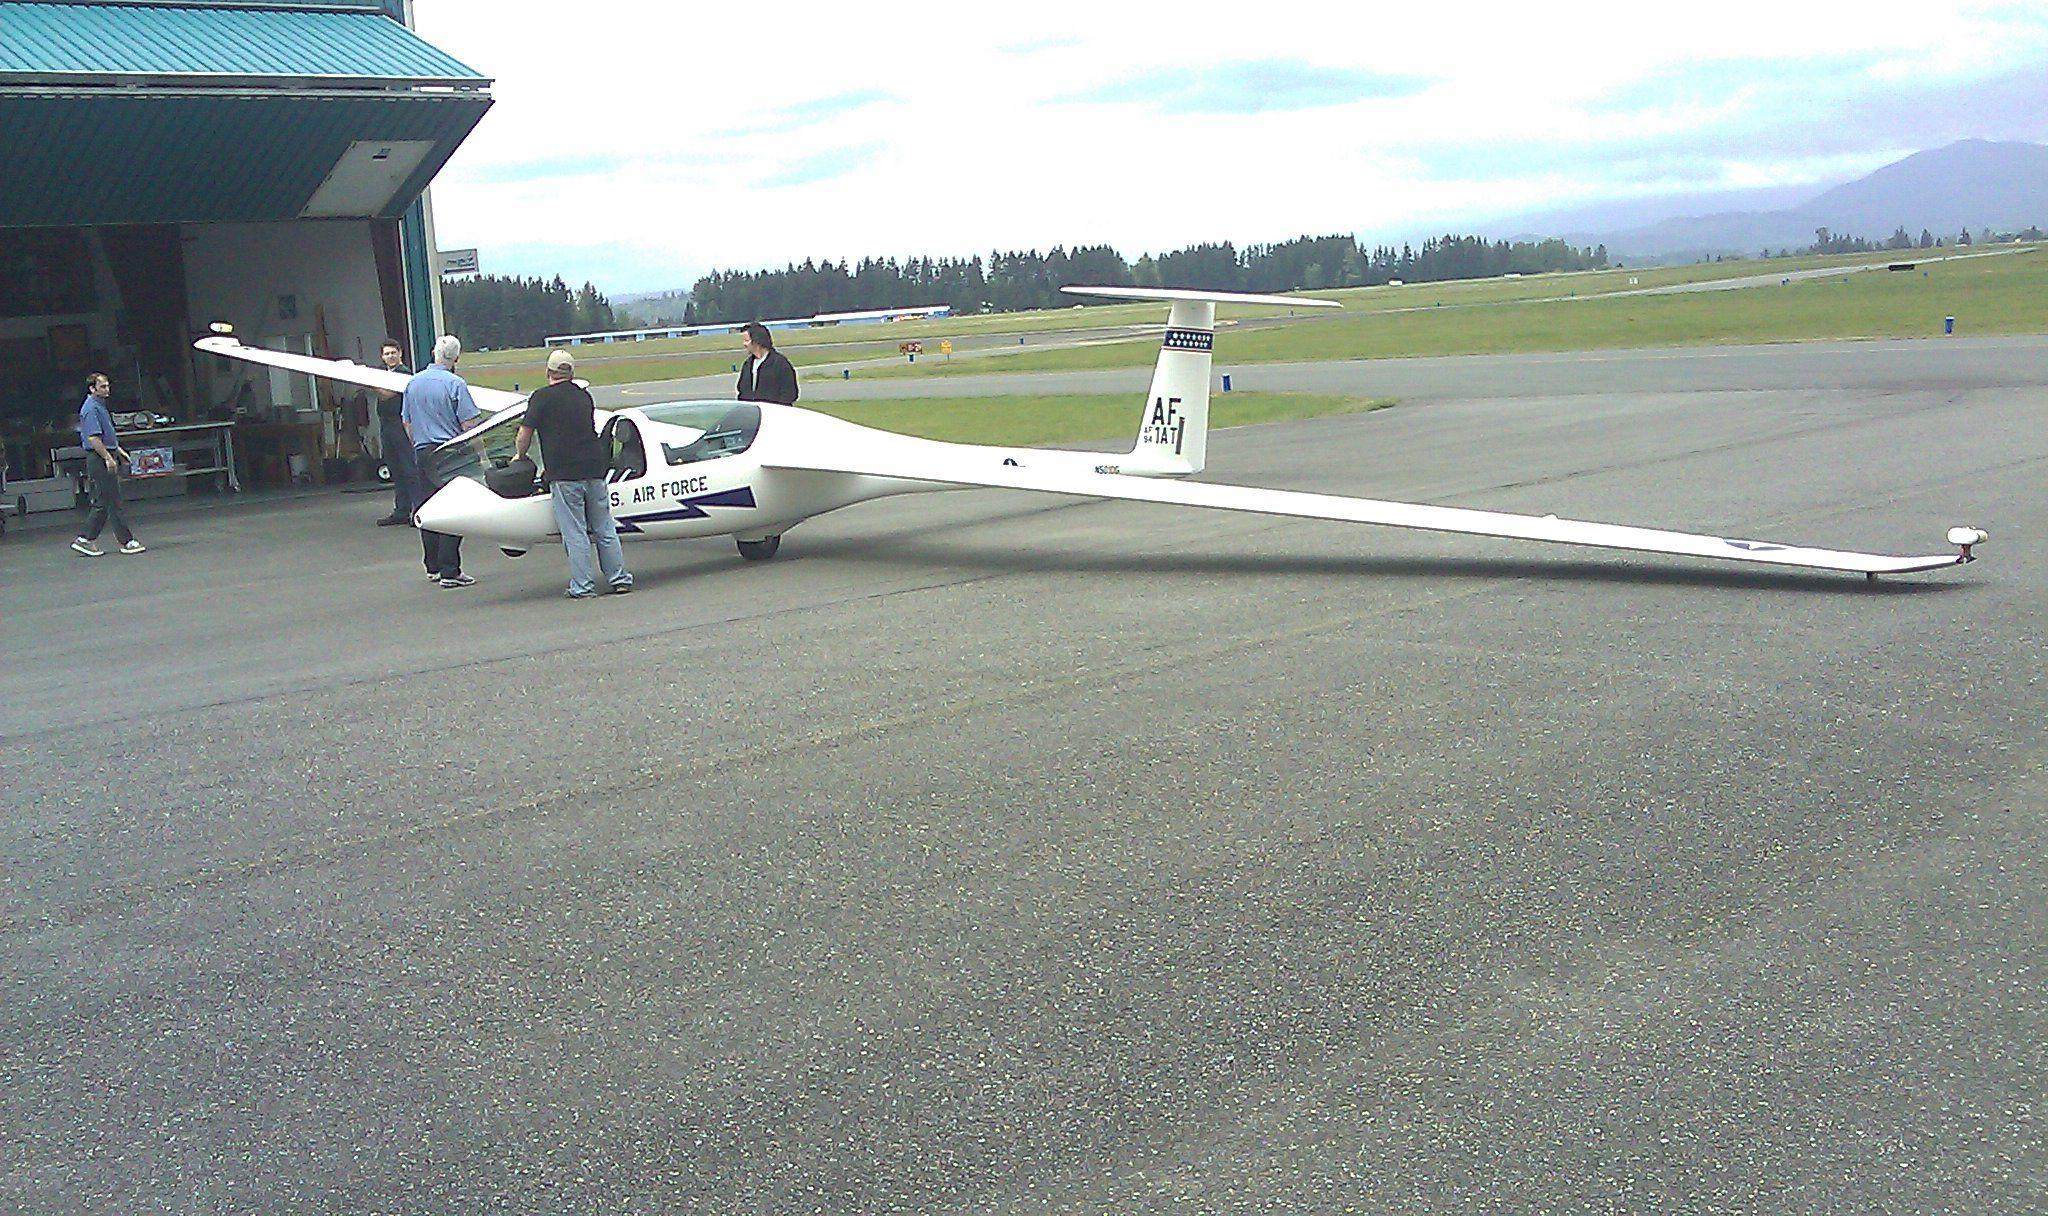 Newest USAF Trainer - DG TG-16-image_183-jpg